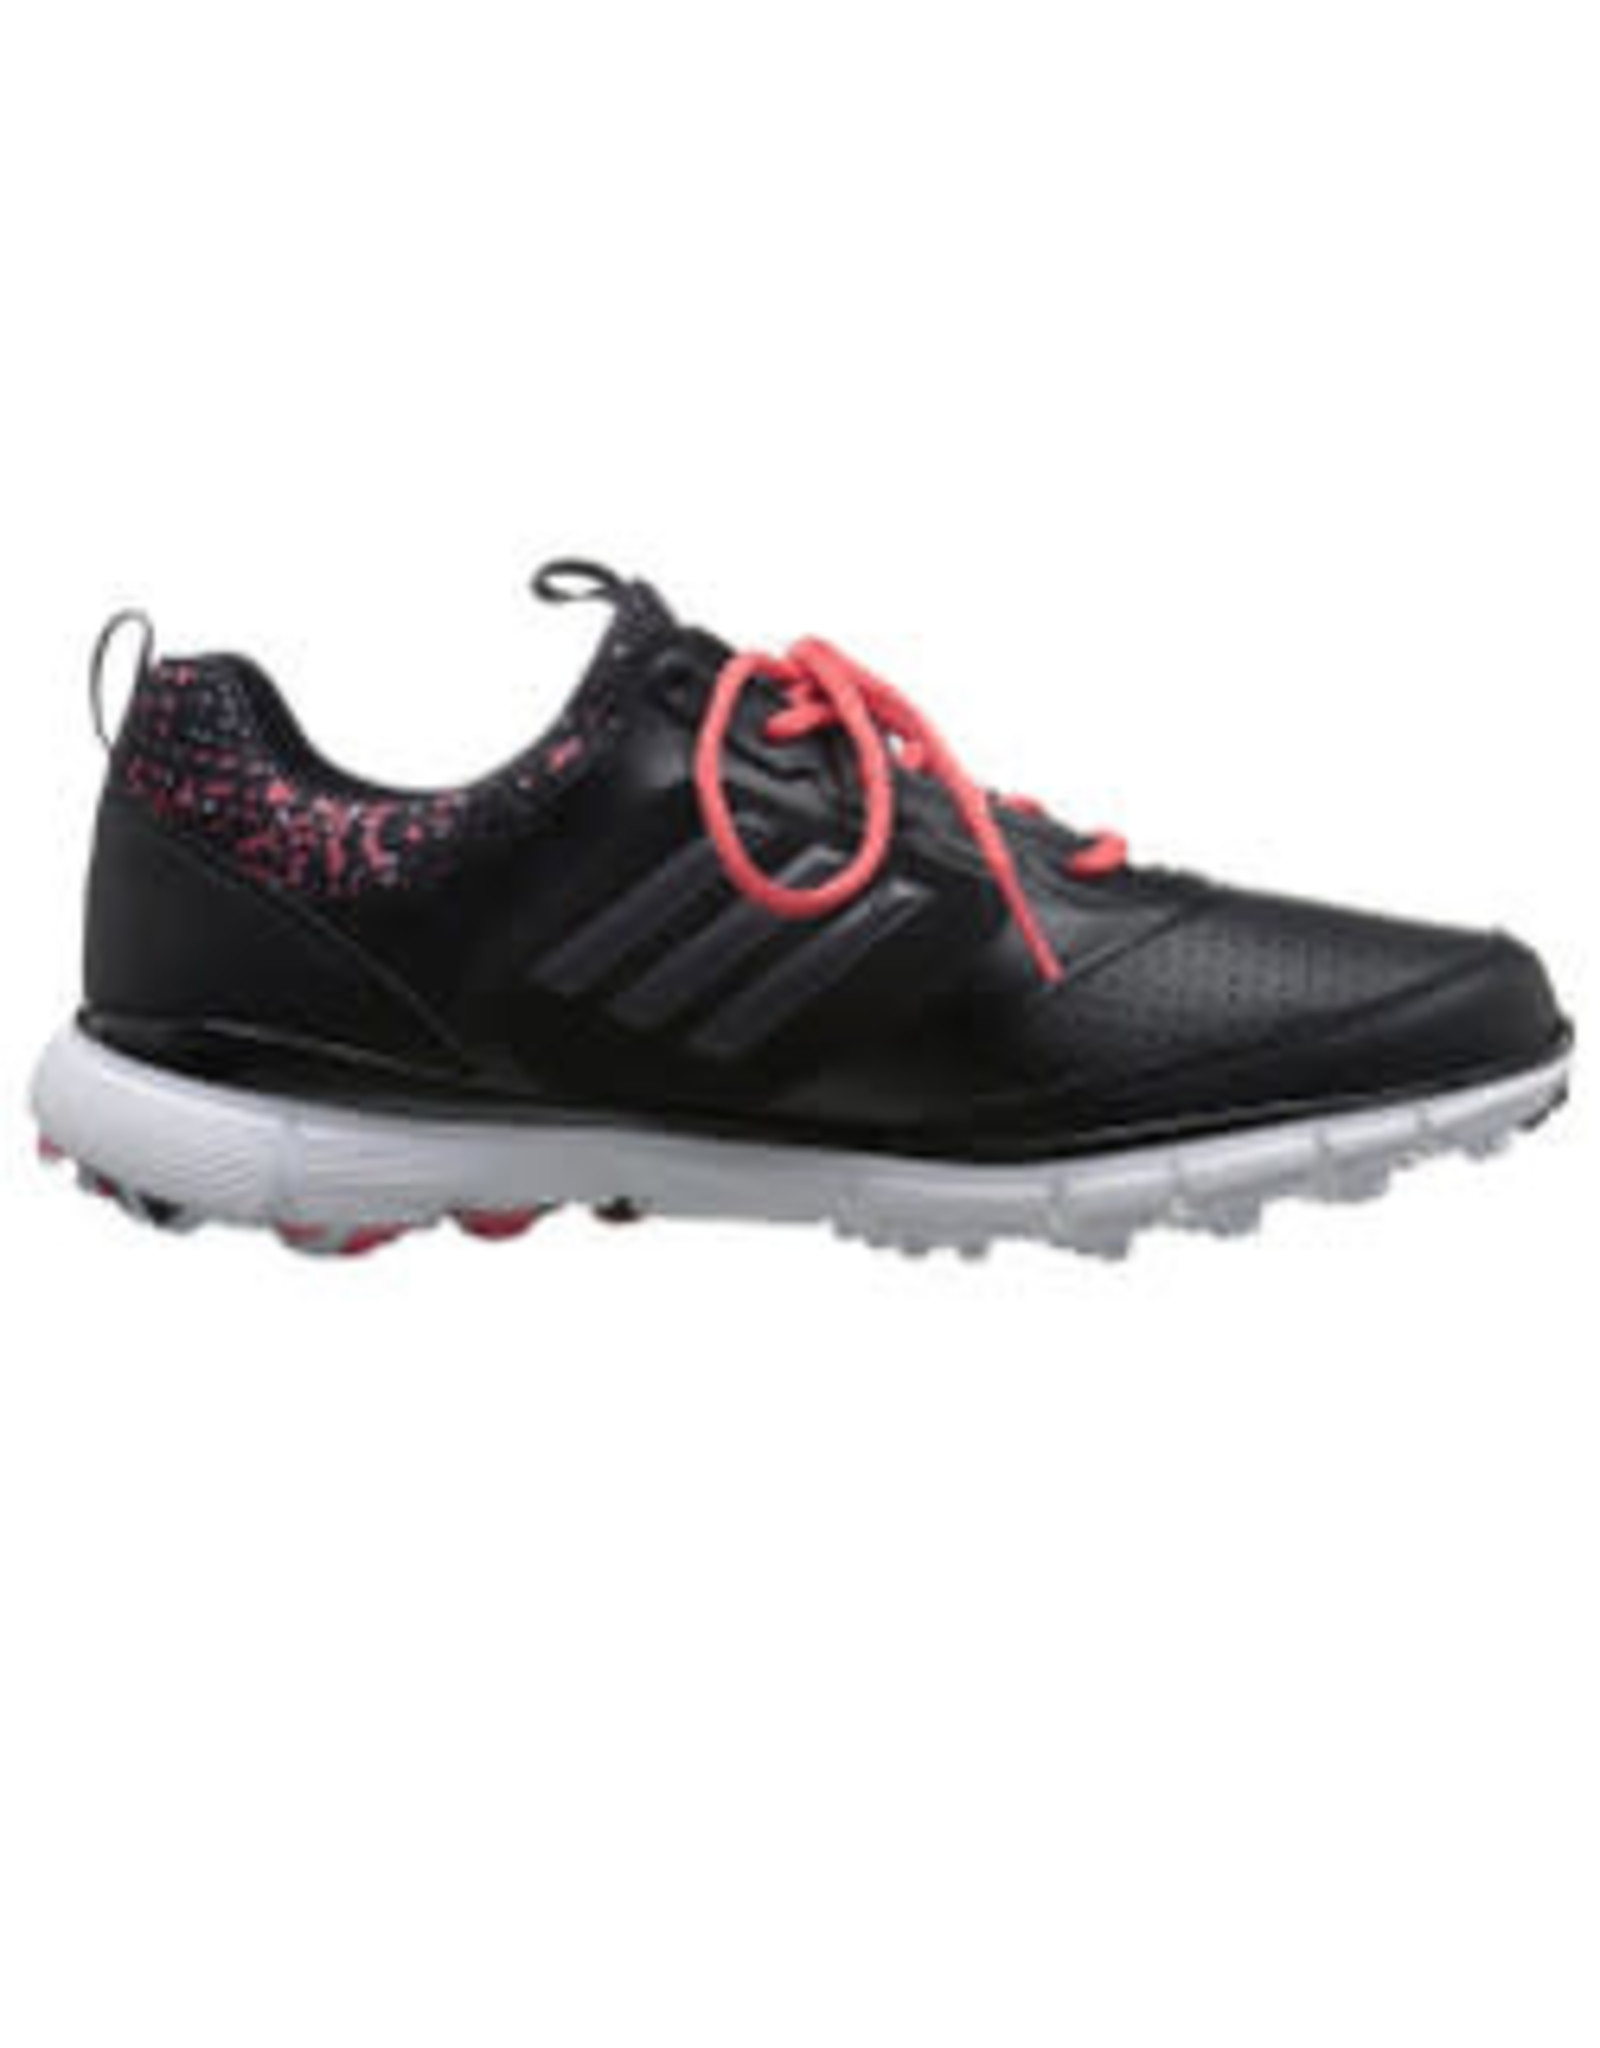 Adidas Adidas Wmn's Adistar Shoe